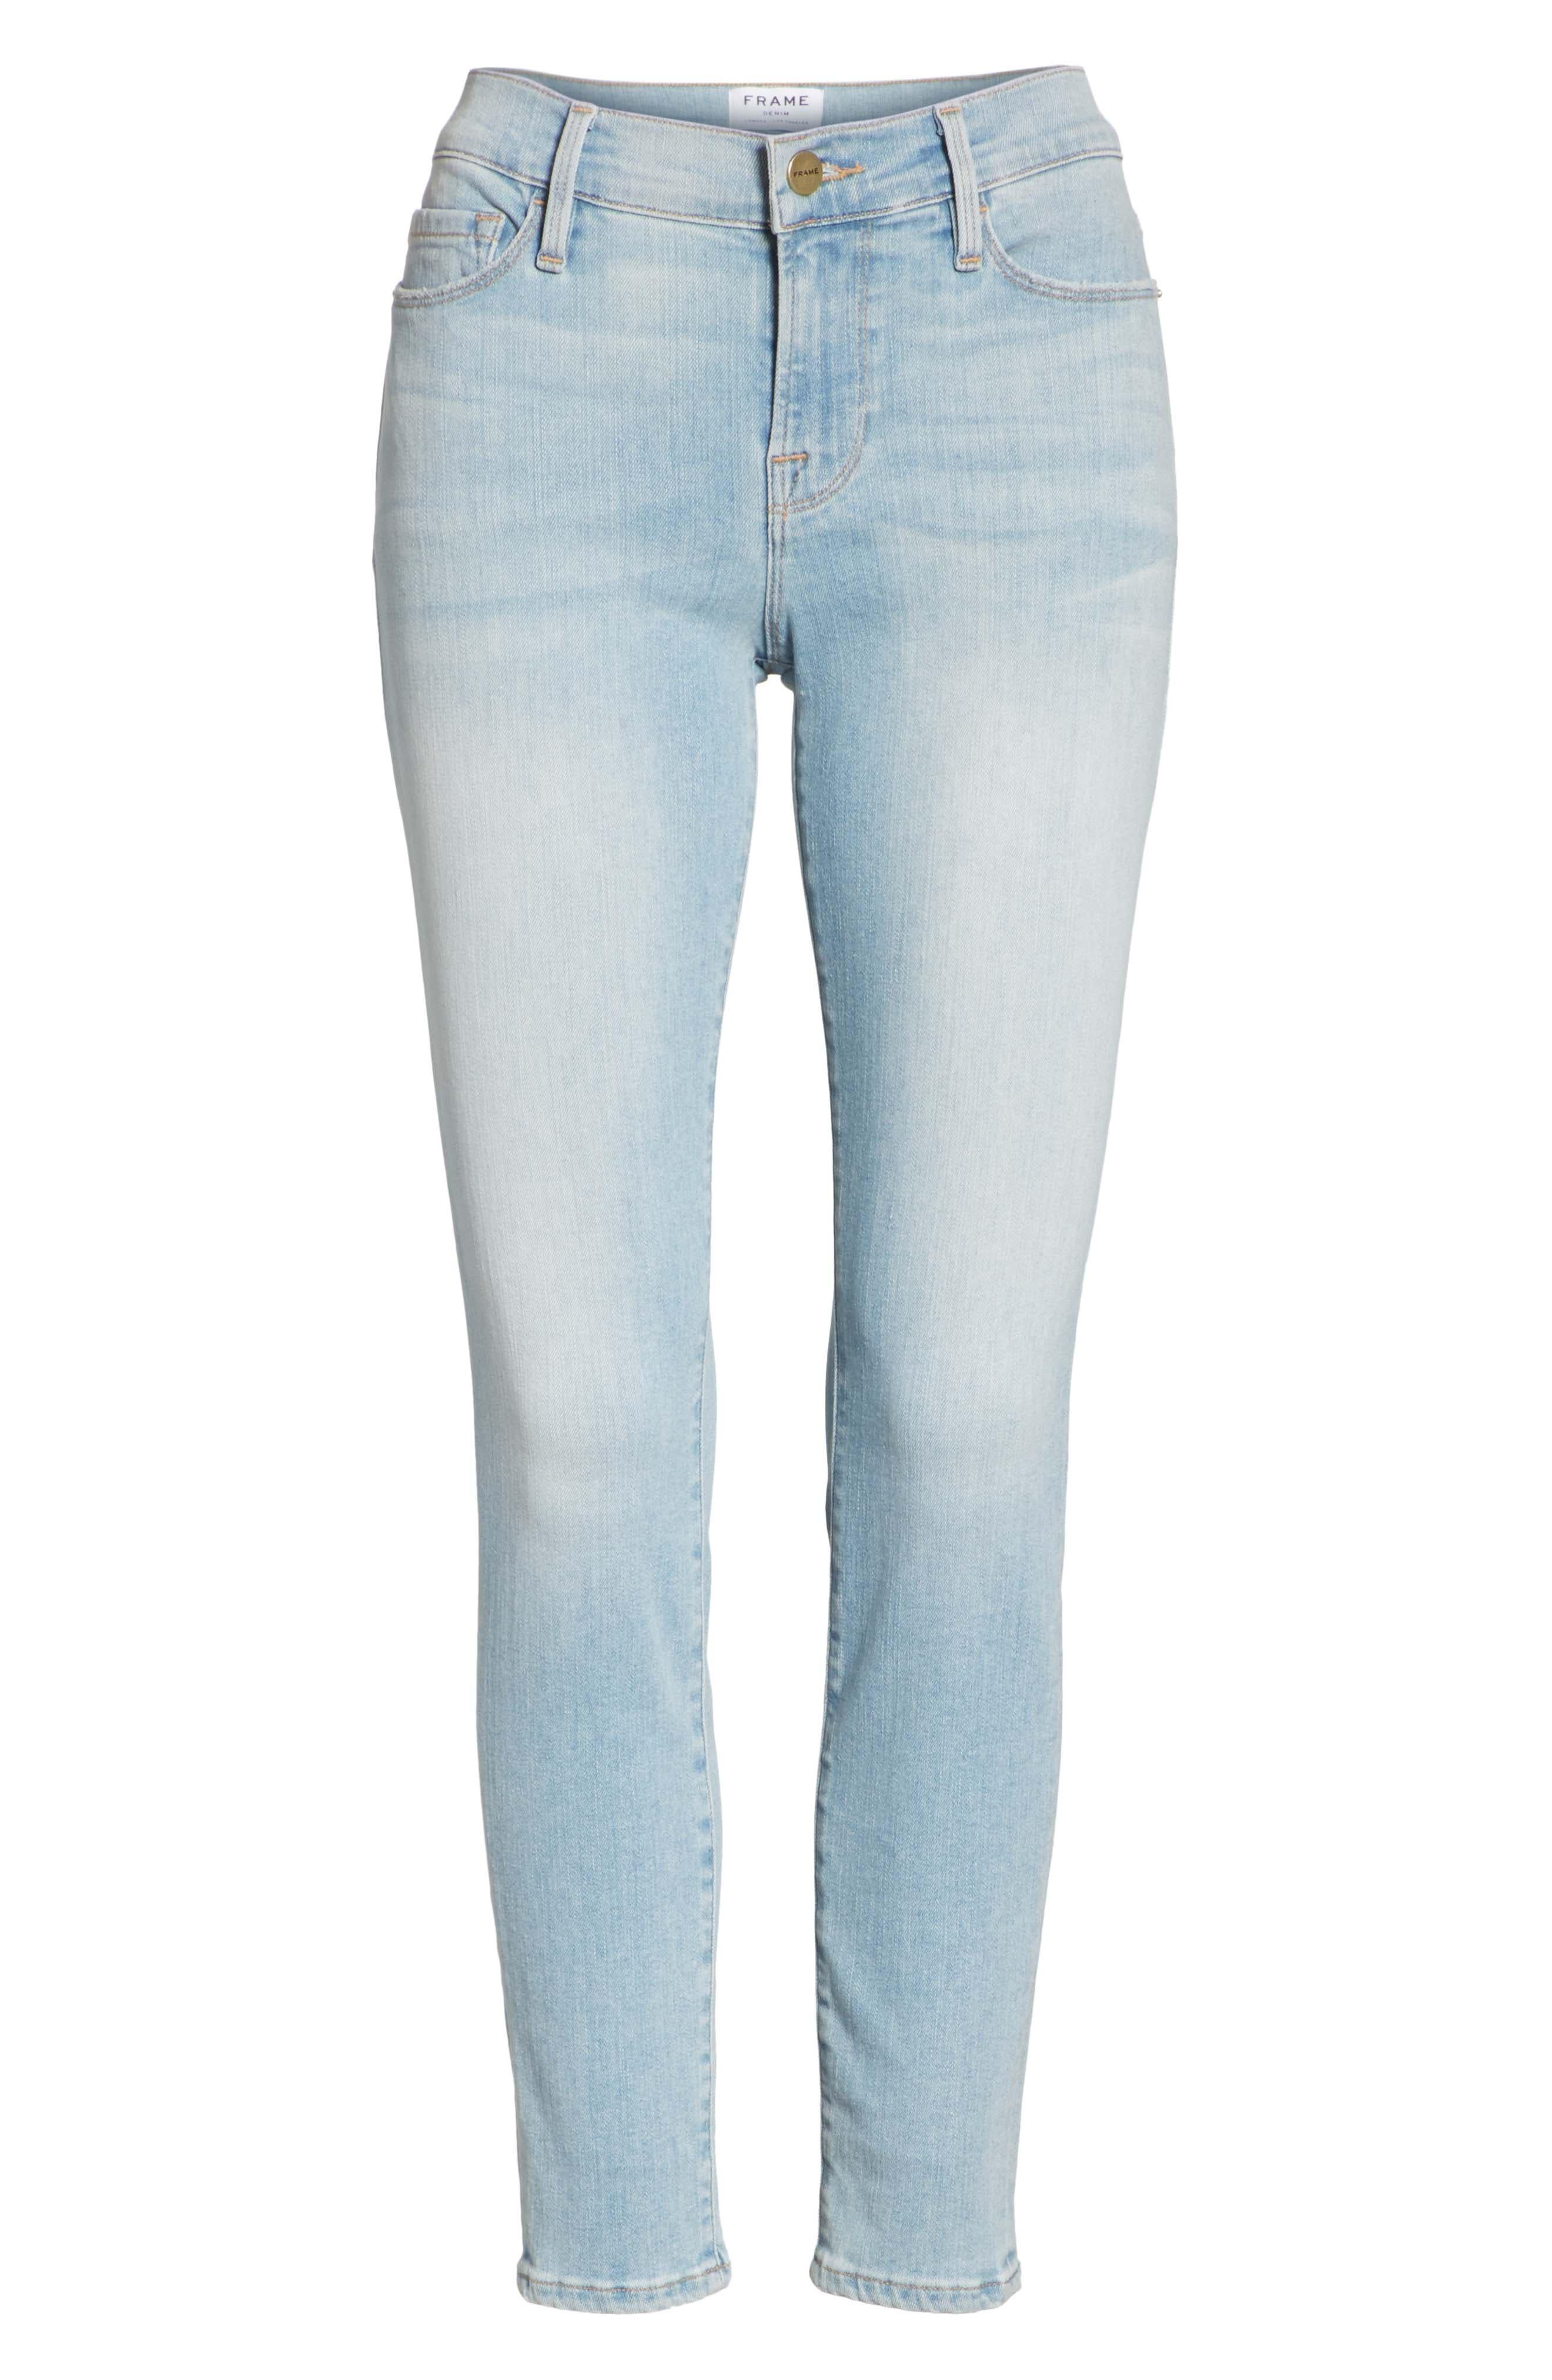 Le Skinny de Jeanne Crop Jeans,                             Alternate thumbnail 6, color,                             SOUTHALL